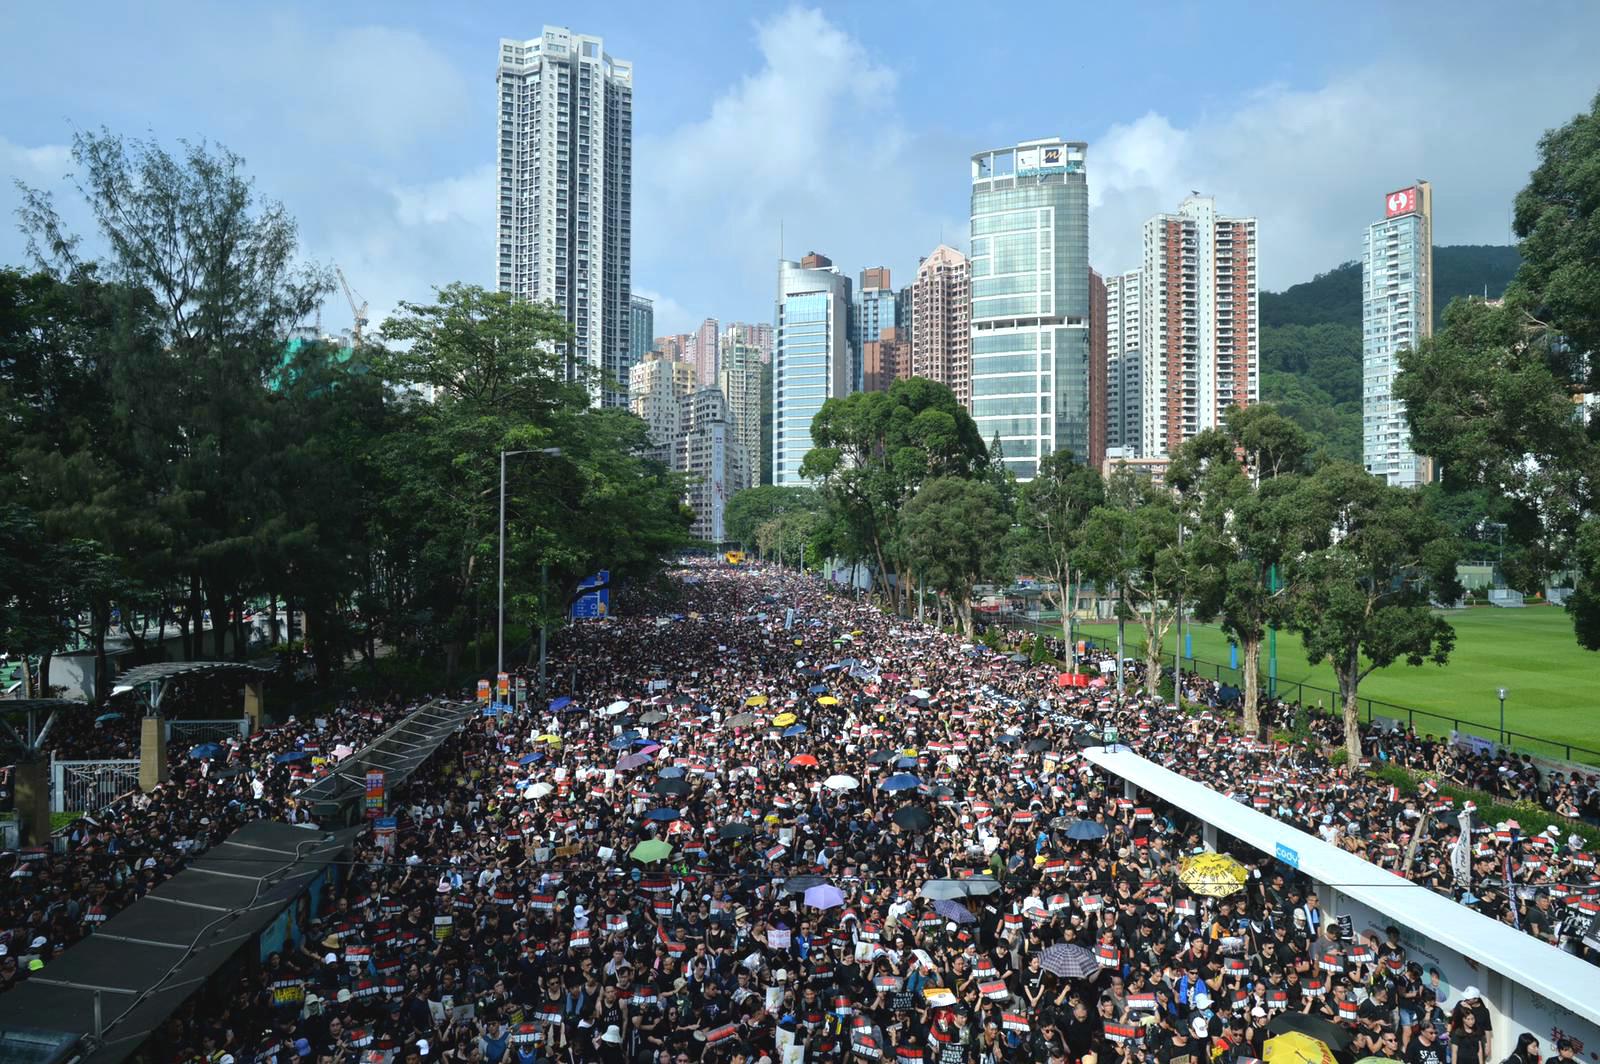 港島區周日會有大型遊行。資料圖片